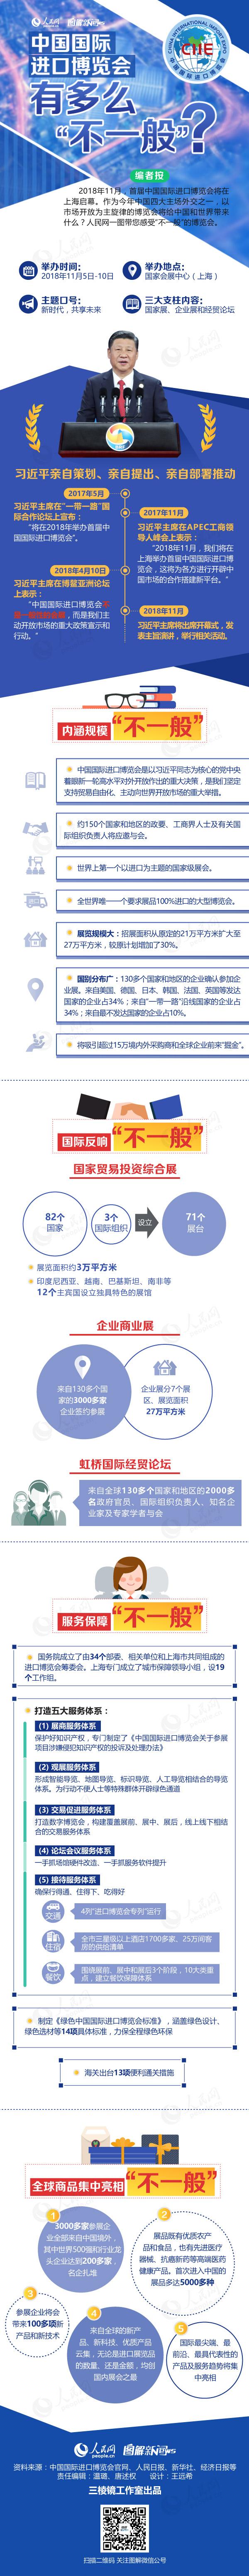 """中国国际进口博览会有多么""""不一般""""?"""